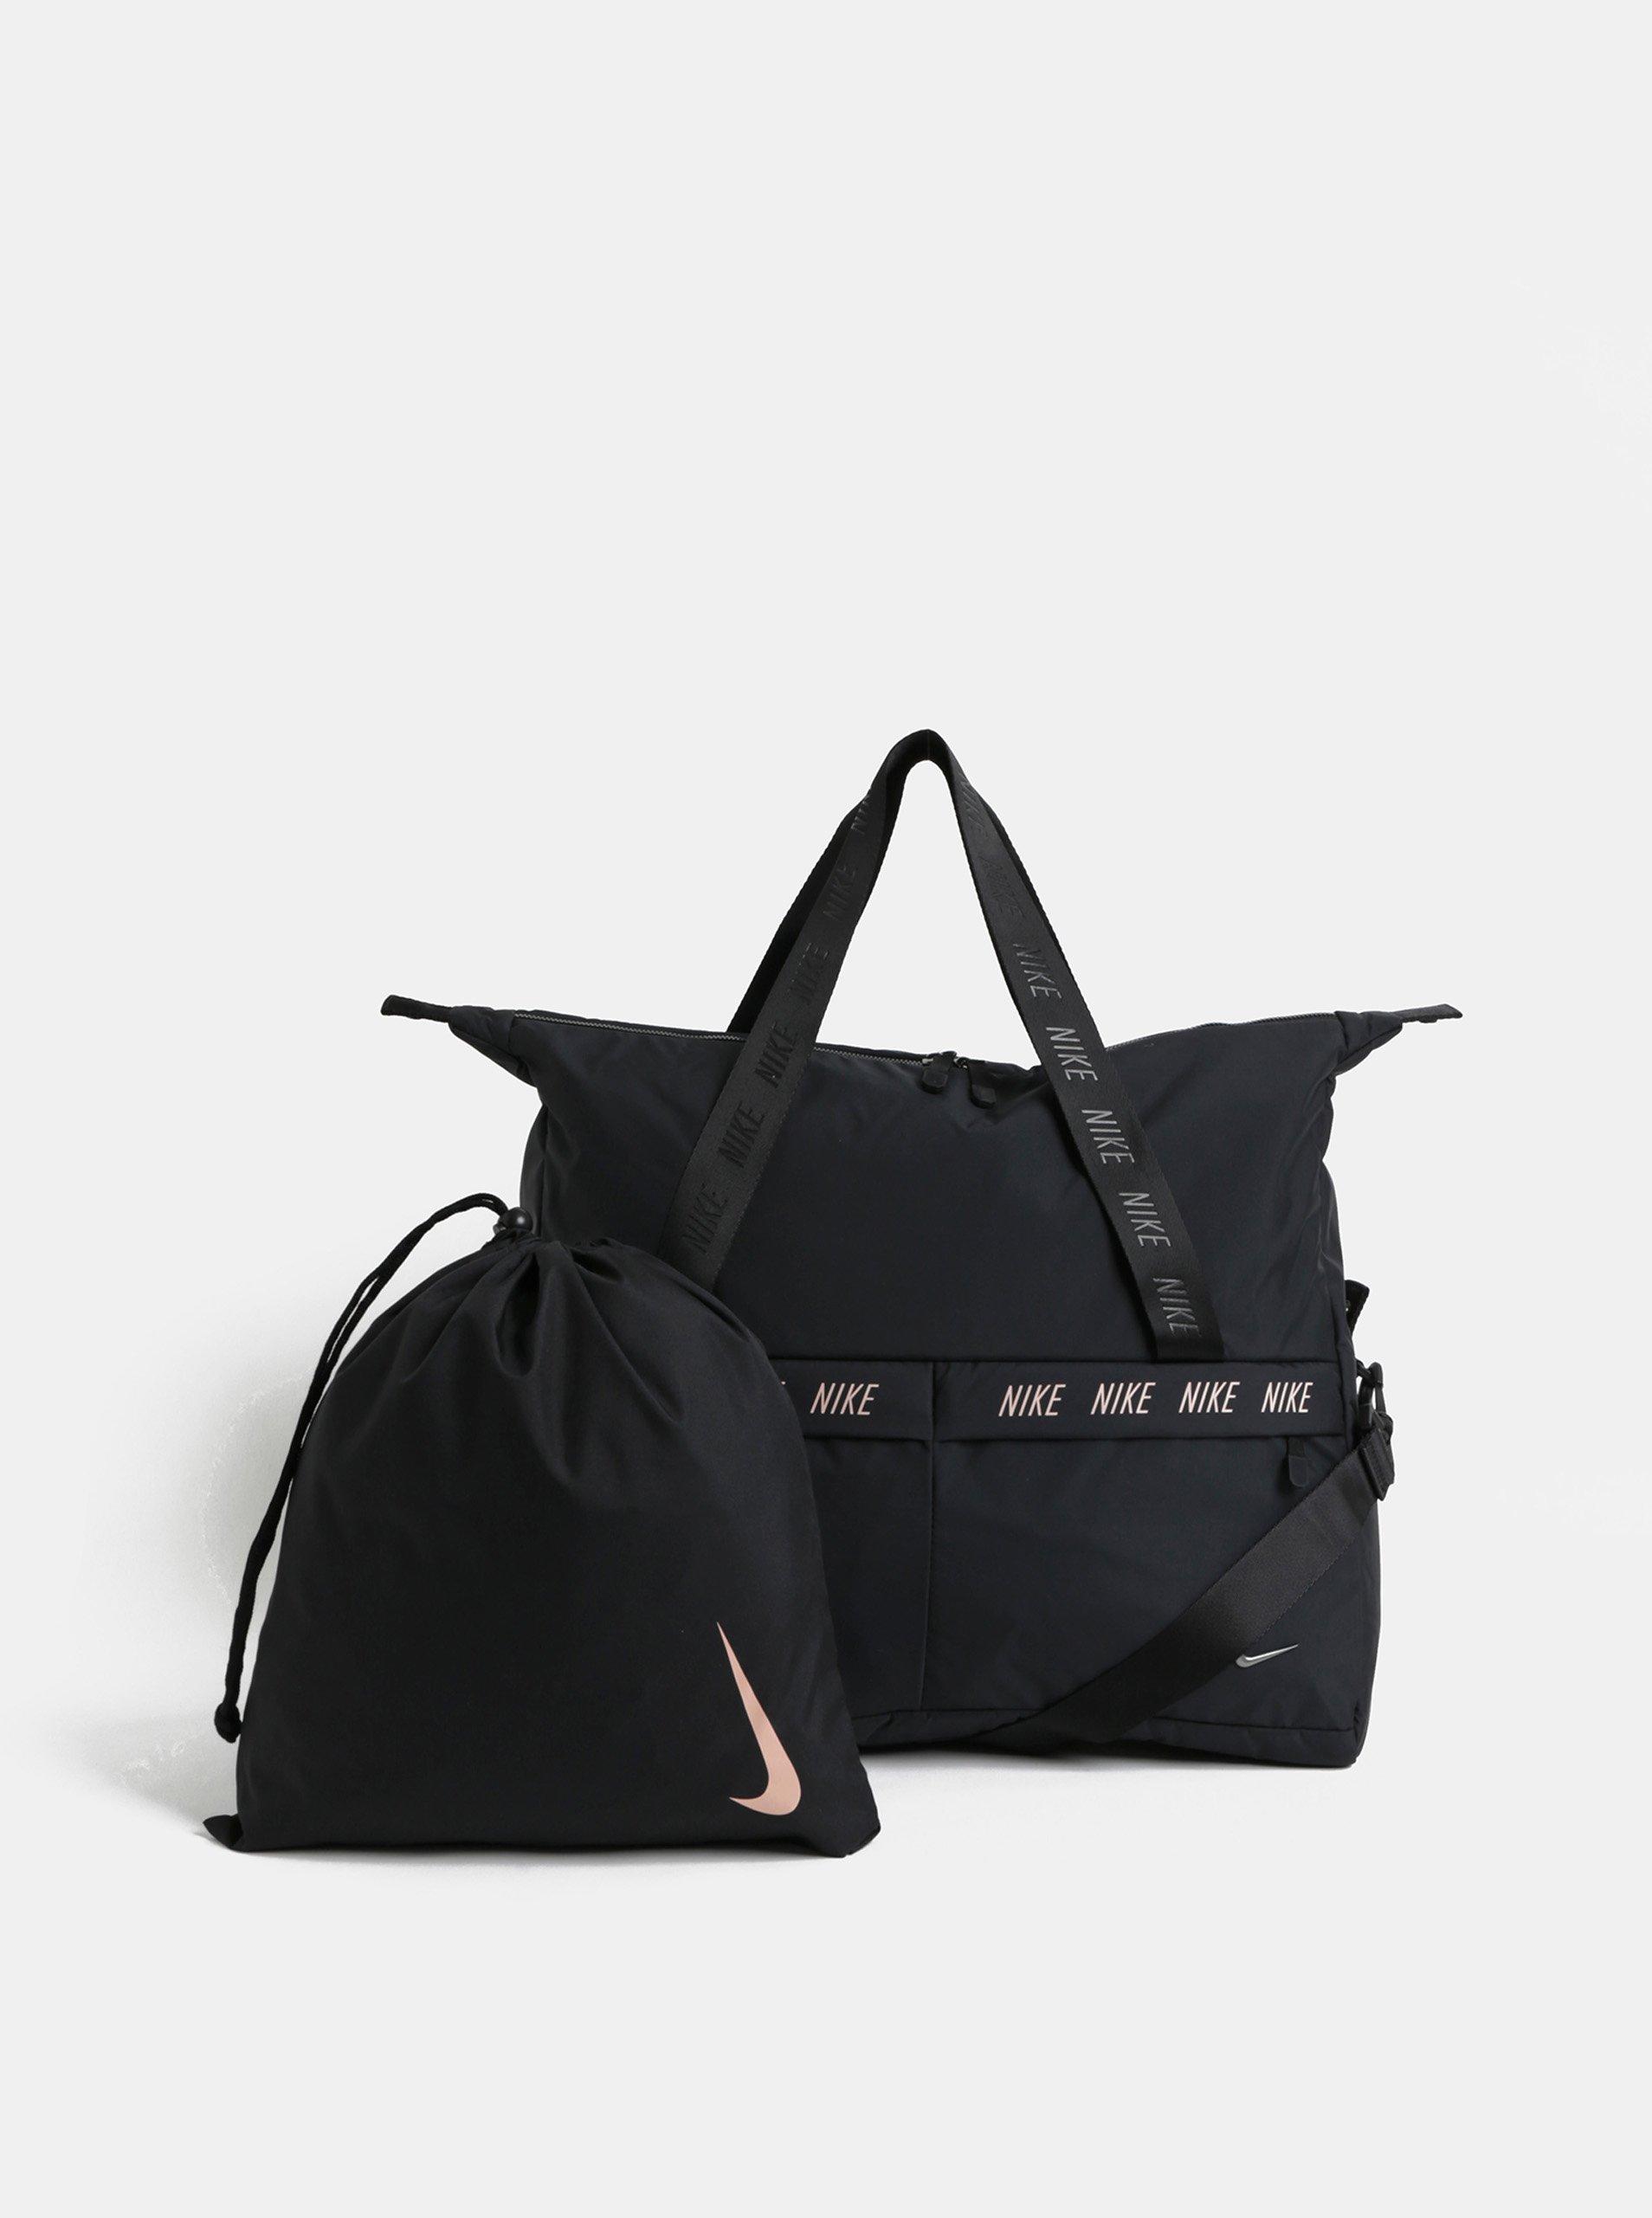 25b066b80b176 Čierna dámska športová taška s vakom na topánky Nike 31 l   Moda.sk